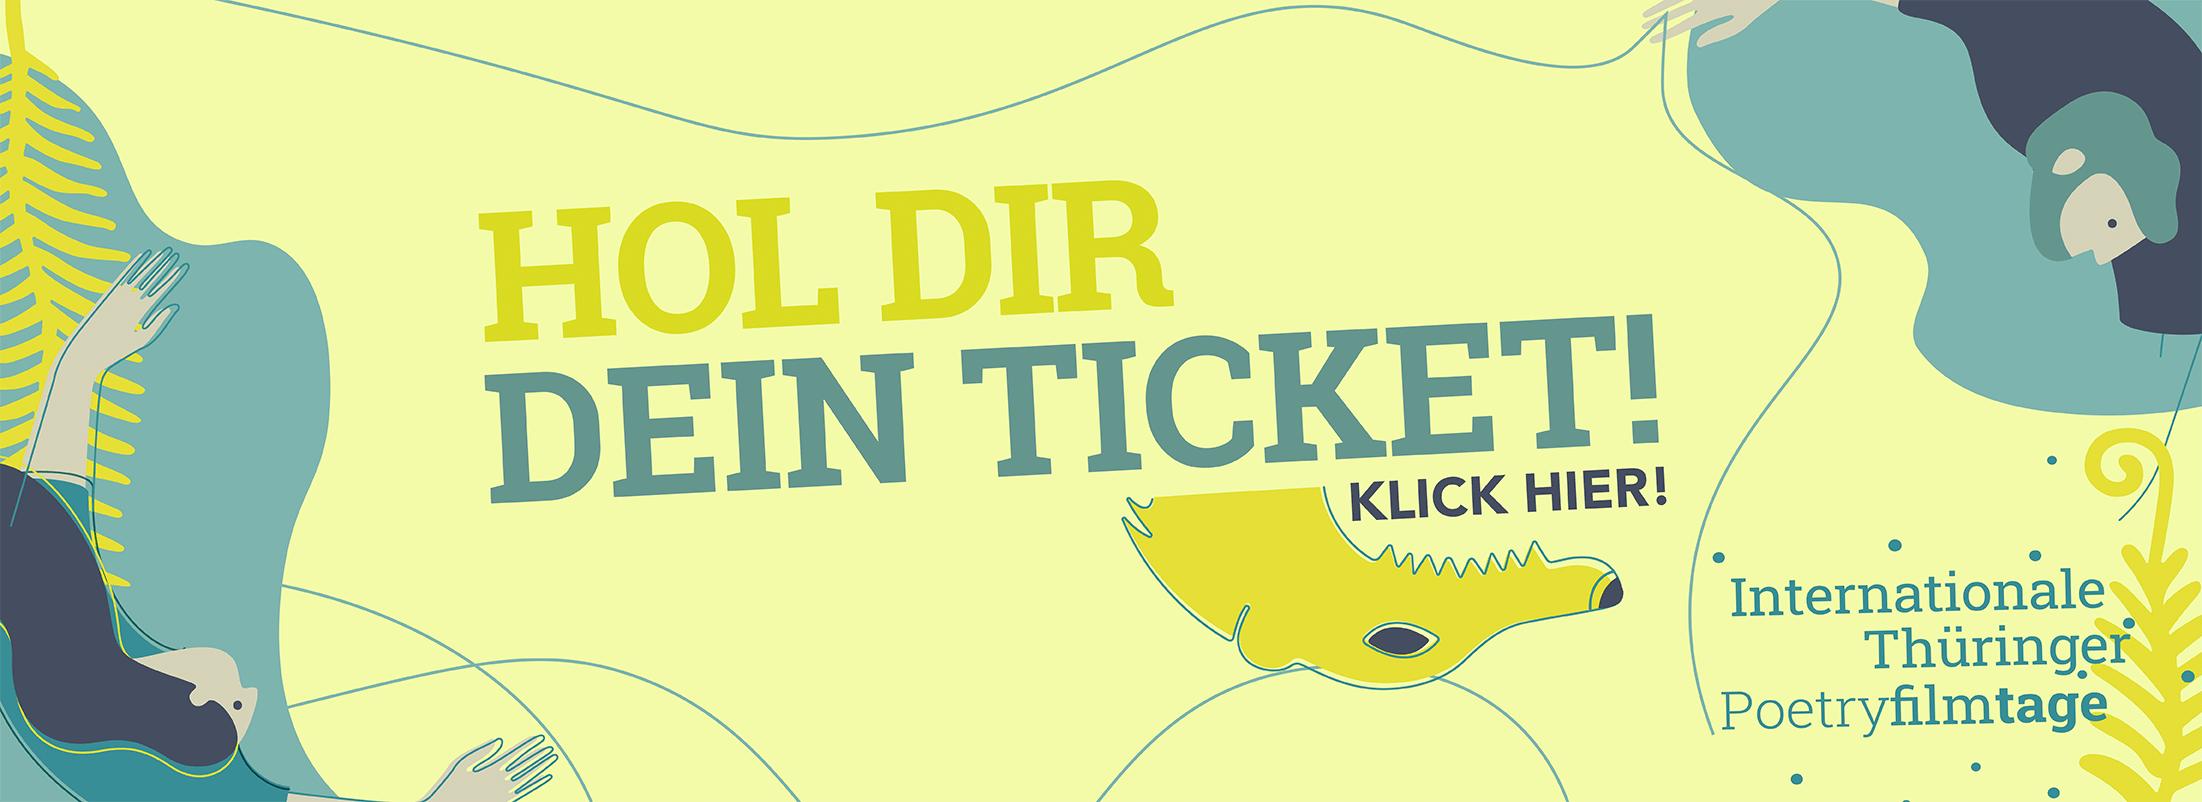 Hol dir dein Ticket